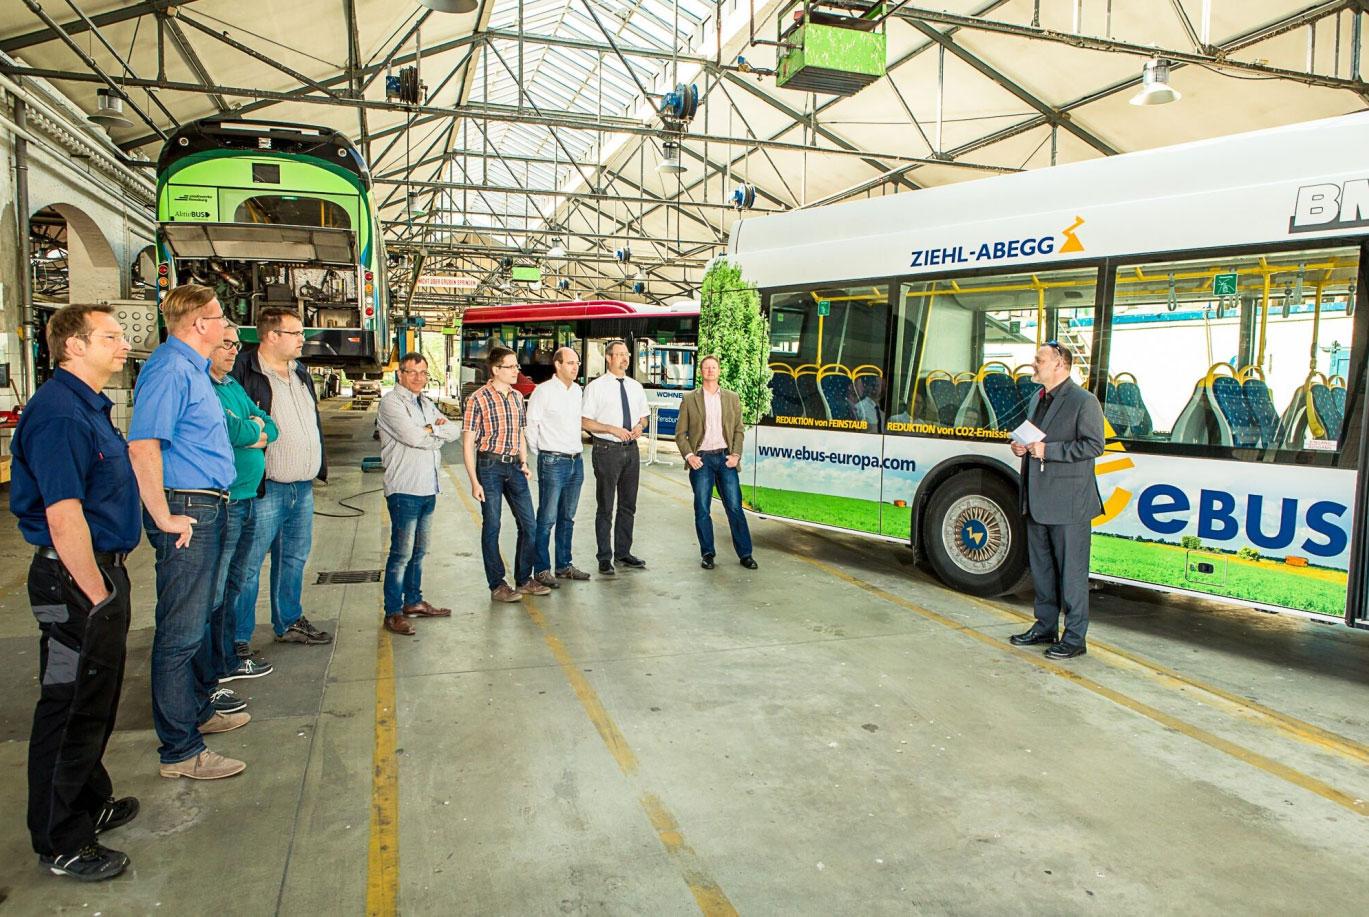 Bildunterschrift: Paul Hemkentokrax (Geschäftsführer Aktiv-Bus GmbH, rechts im Bild) führte kurz inhaltlich – auch vor dem Hintergrund des Klimaschutzgedankens – in die Veranstaltungsaktion ein. / Presssebild